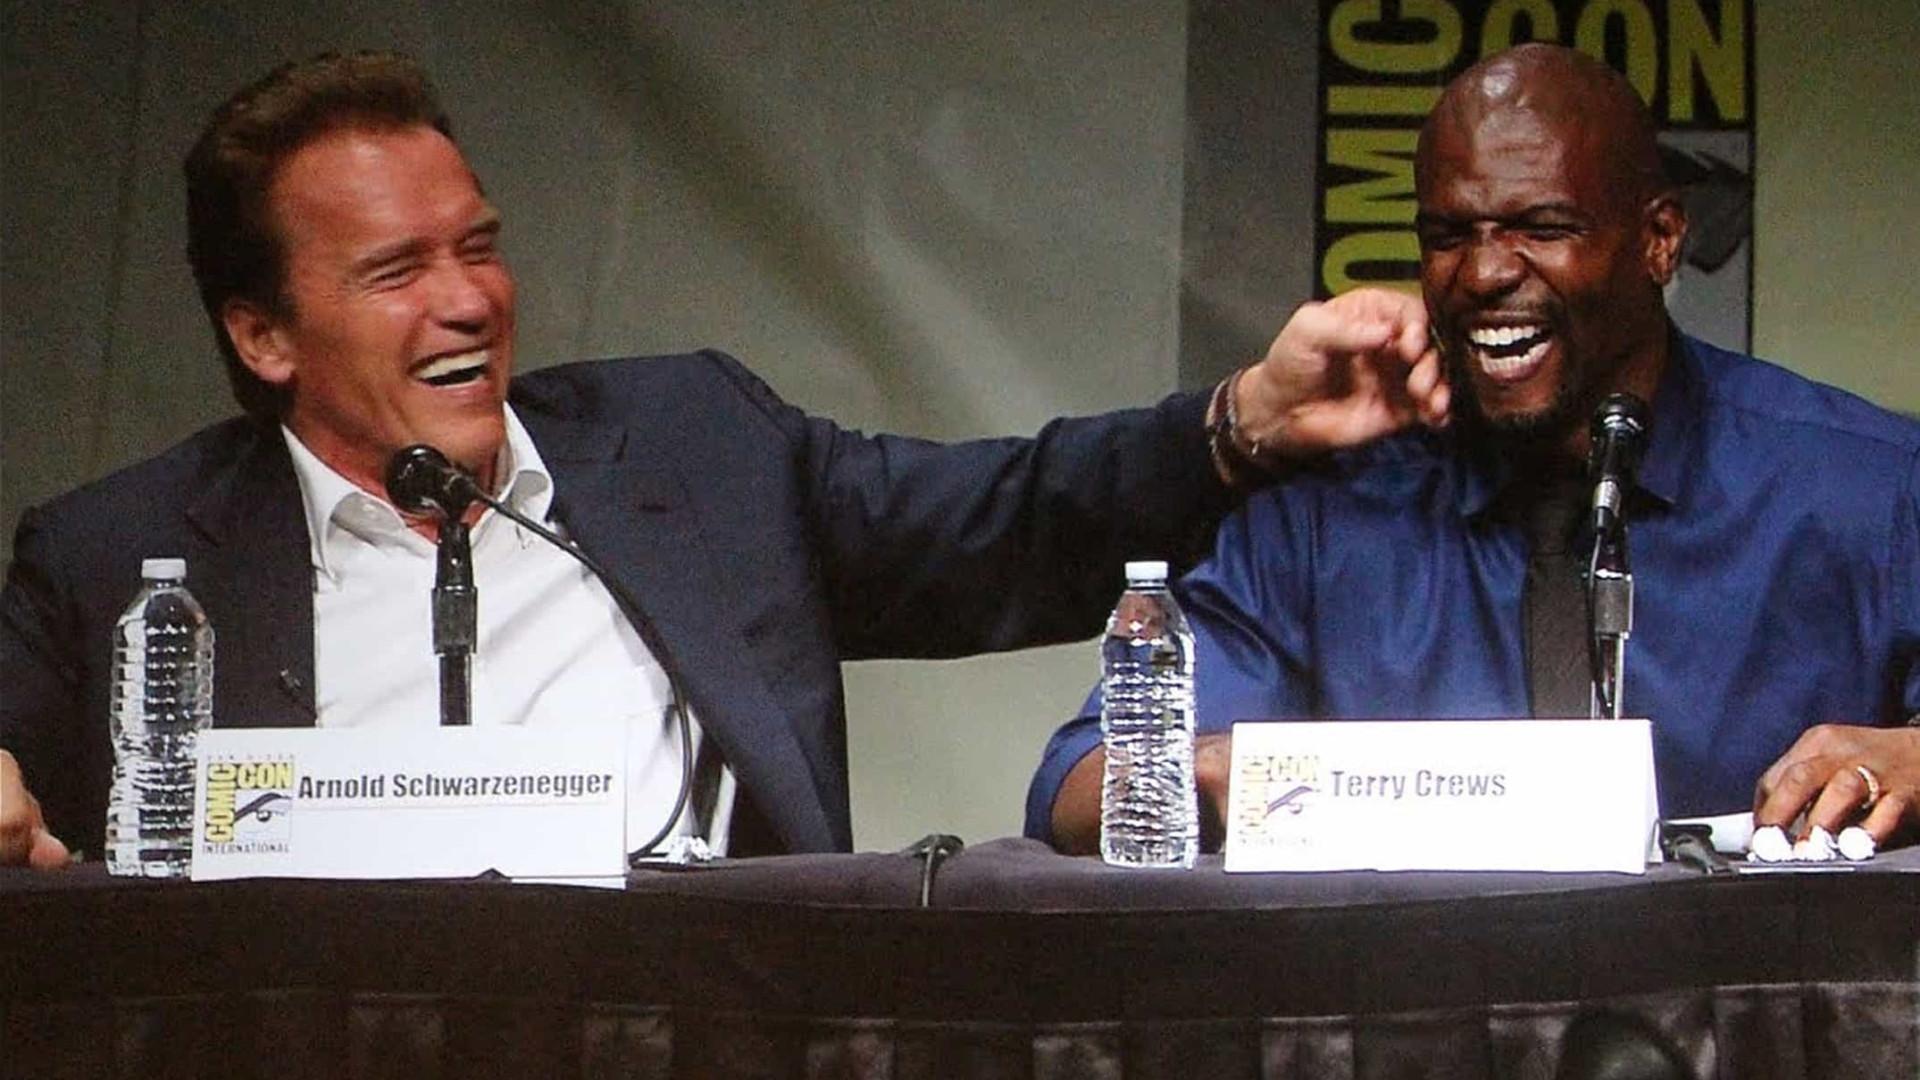 30 de julho: aniversário dos astros Arnold Schwarzenegger e Terry Crews